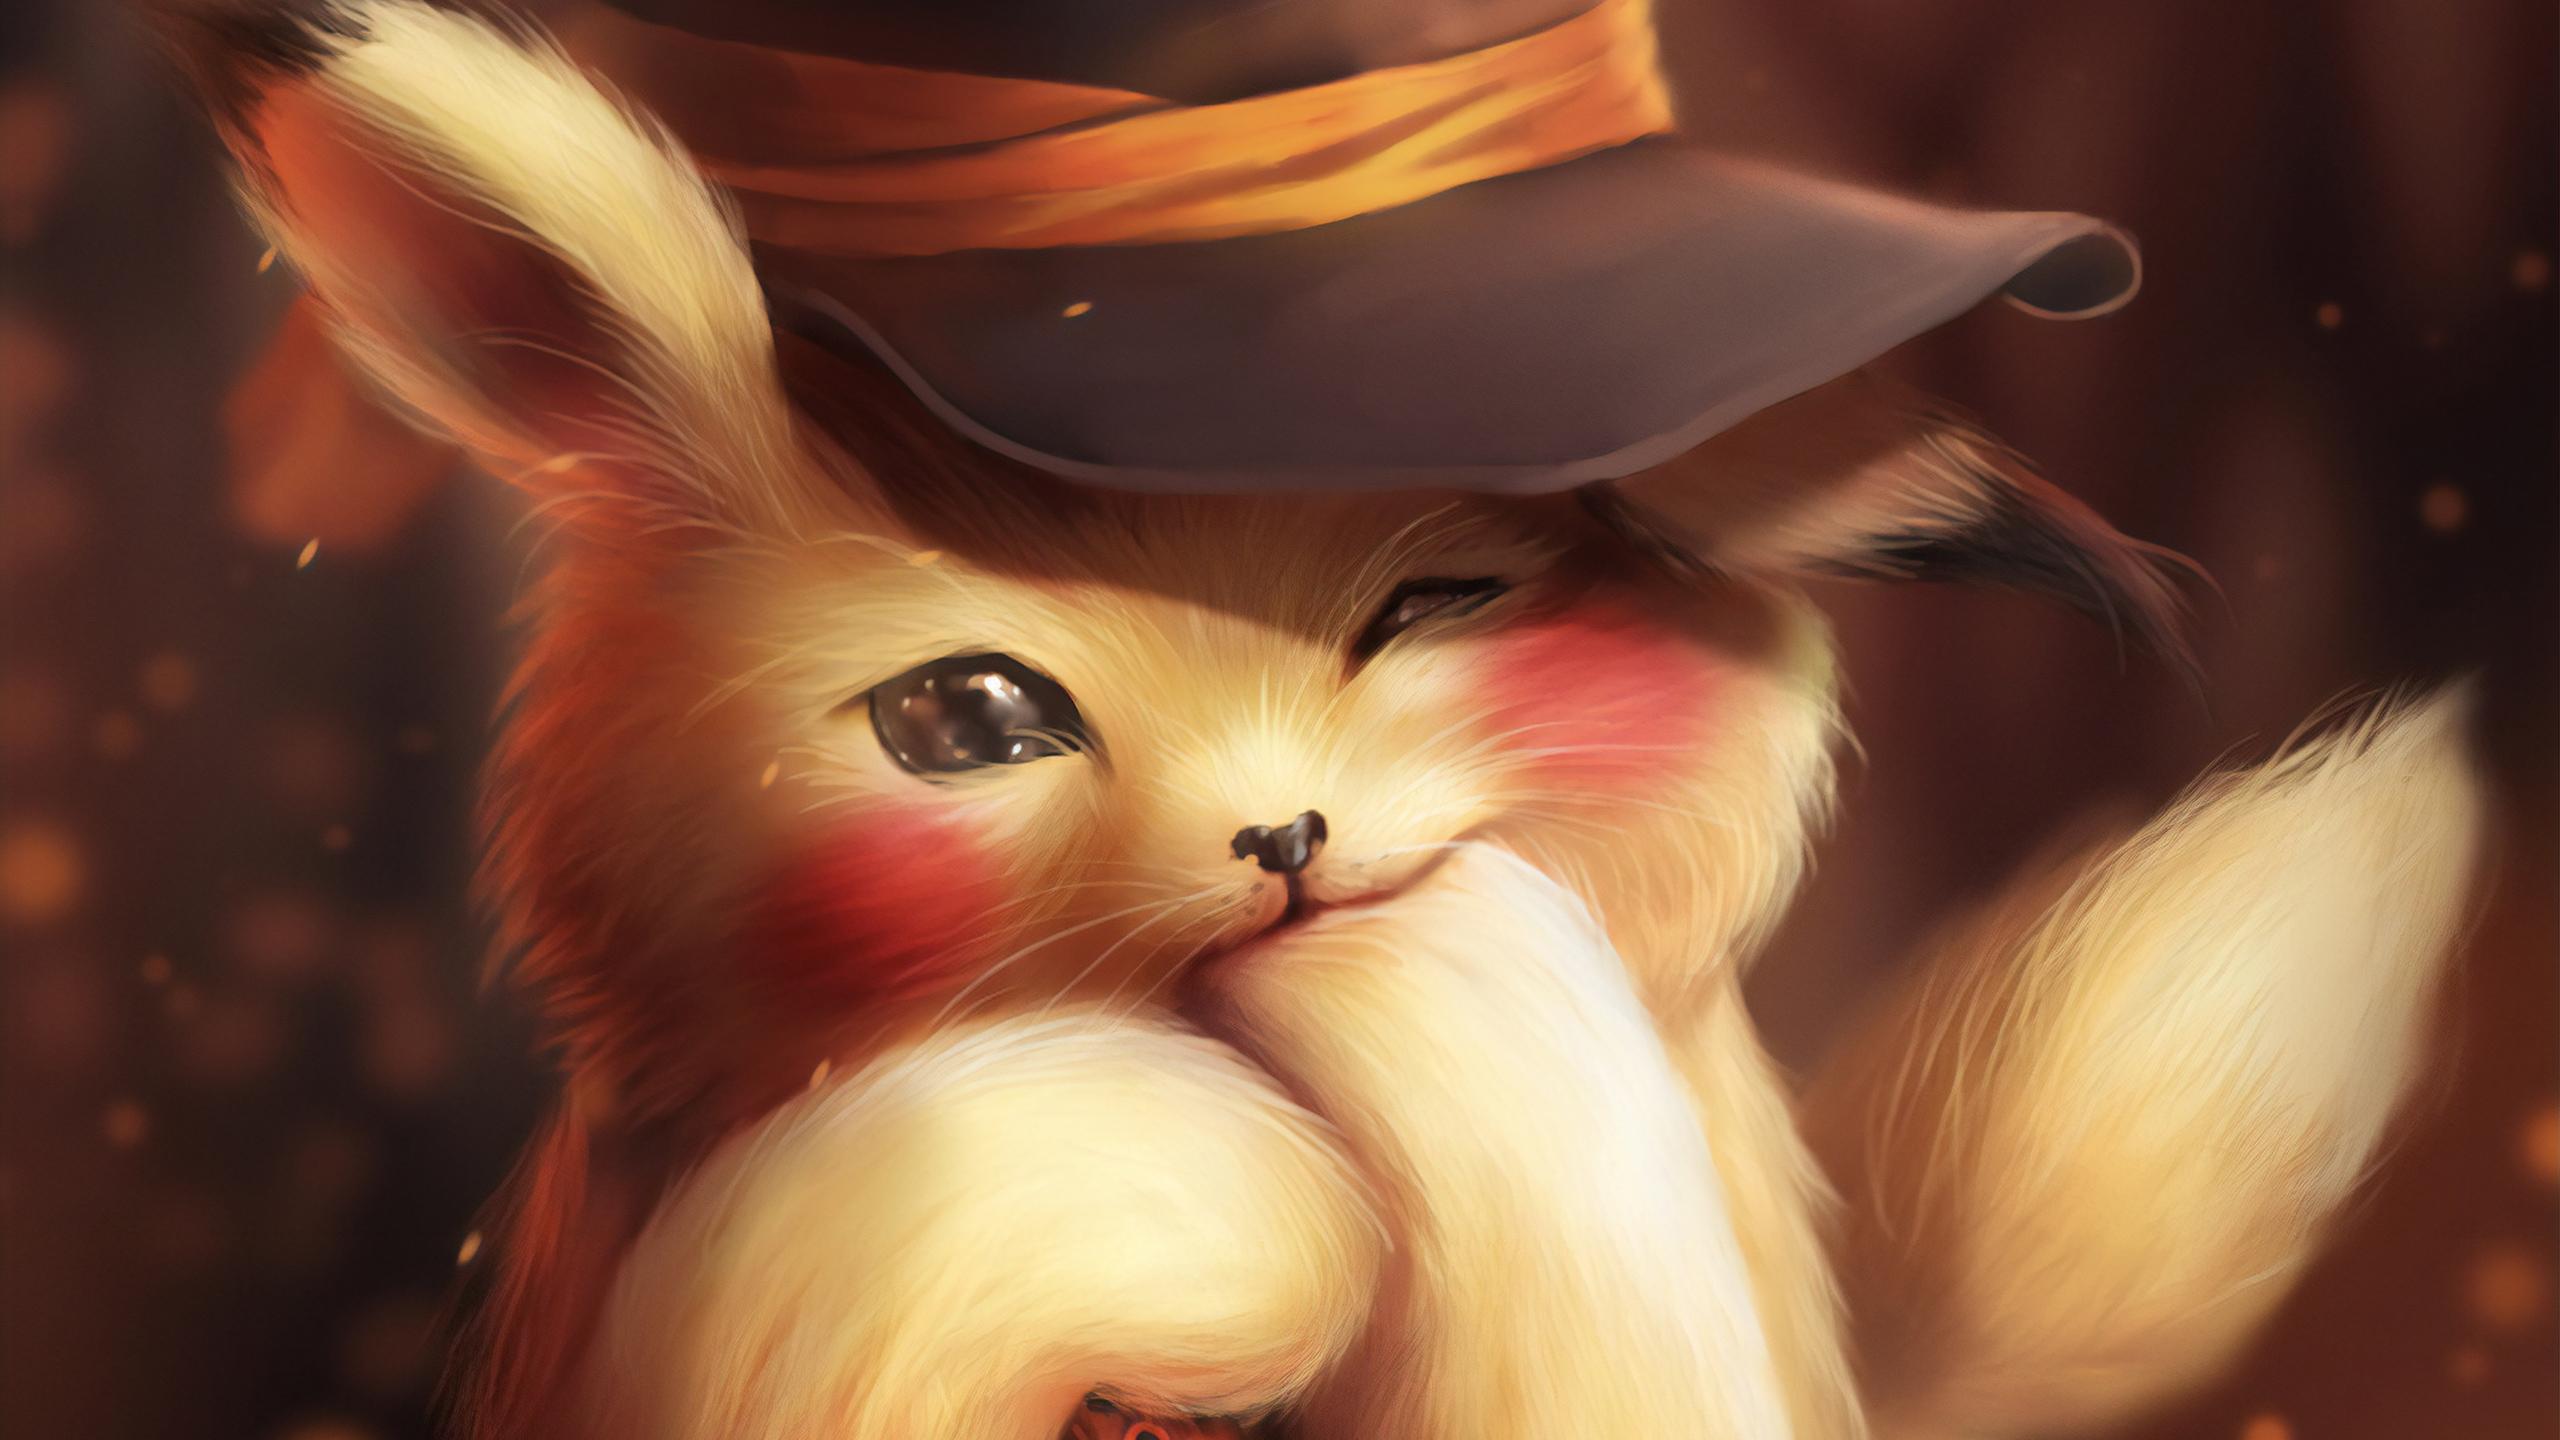 Halloween Pikachu, HD Artist, 4k Wallpapers, Images ...